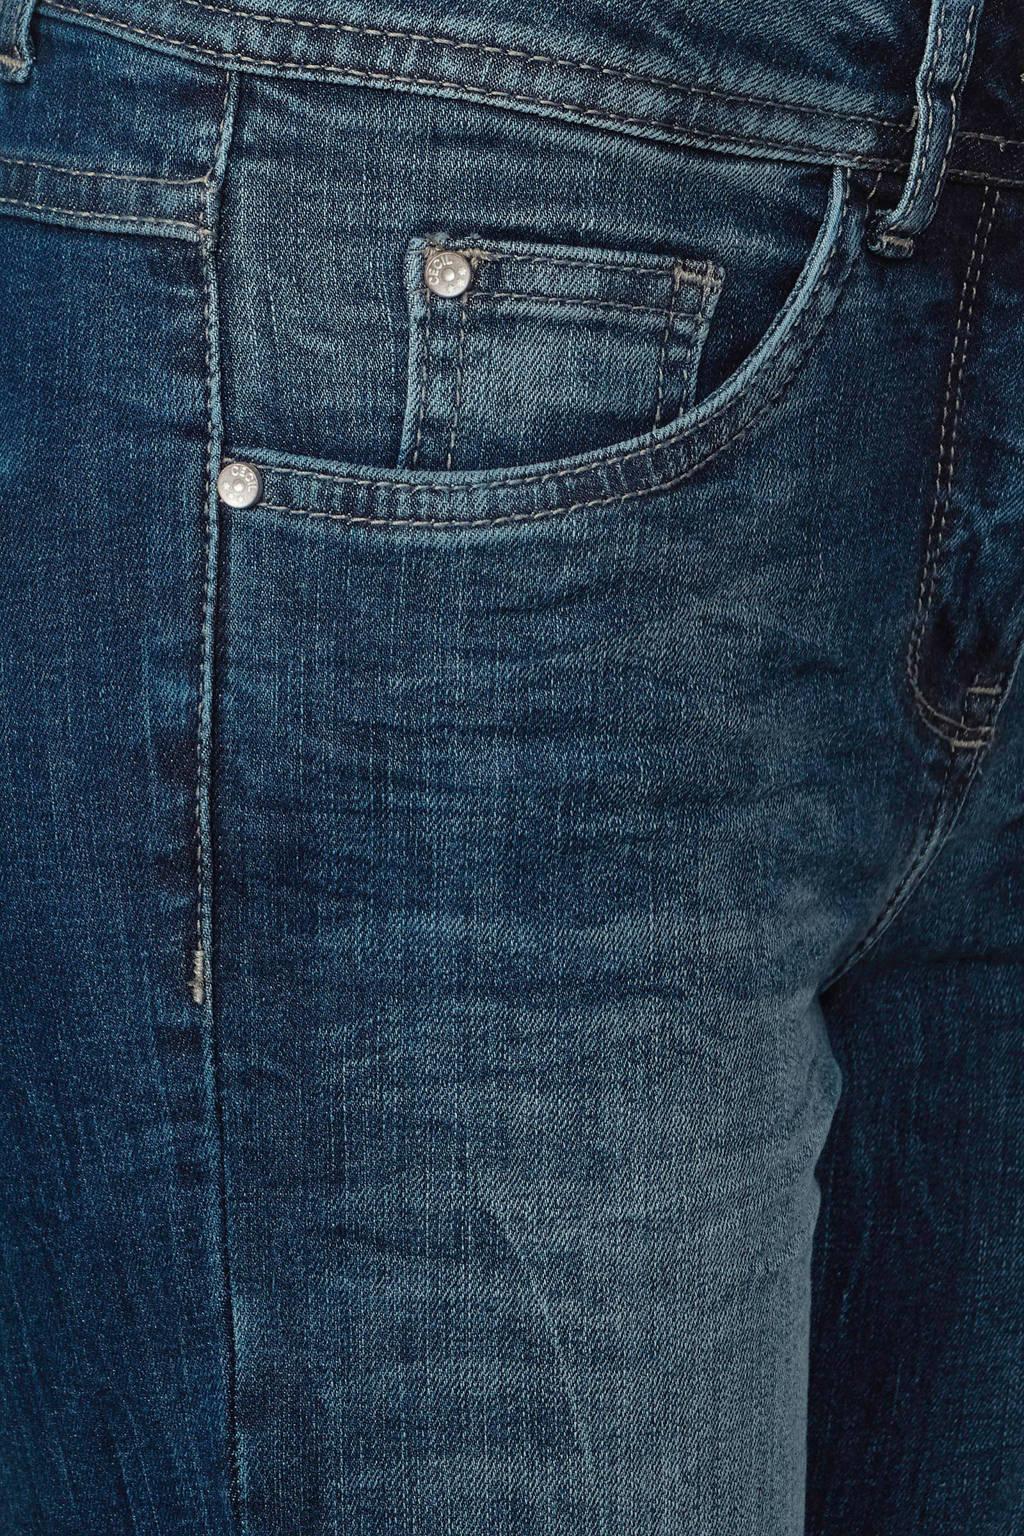 Cecil Cecil Jeans Jeans Cecil Jeans Cecil Jeans 7I7rqBwp